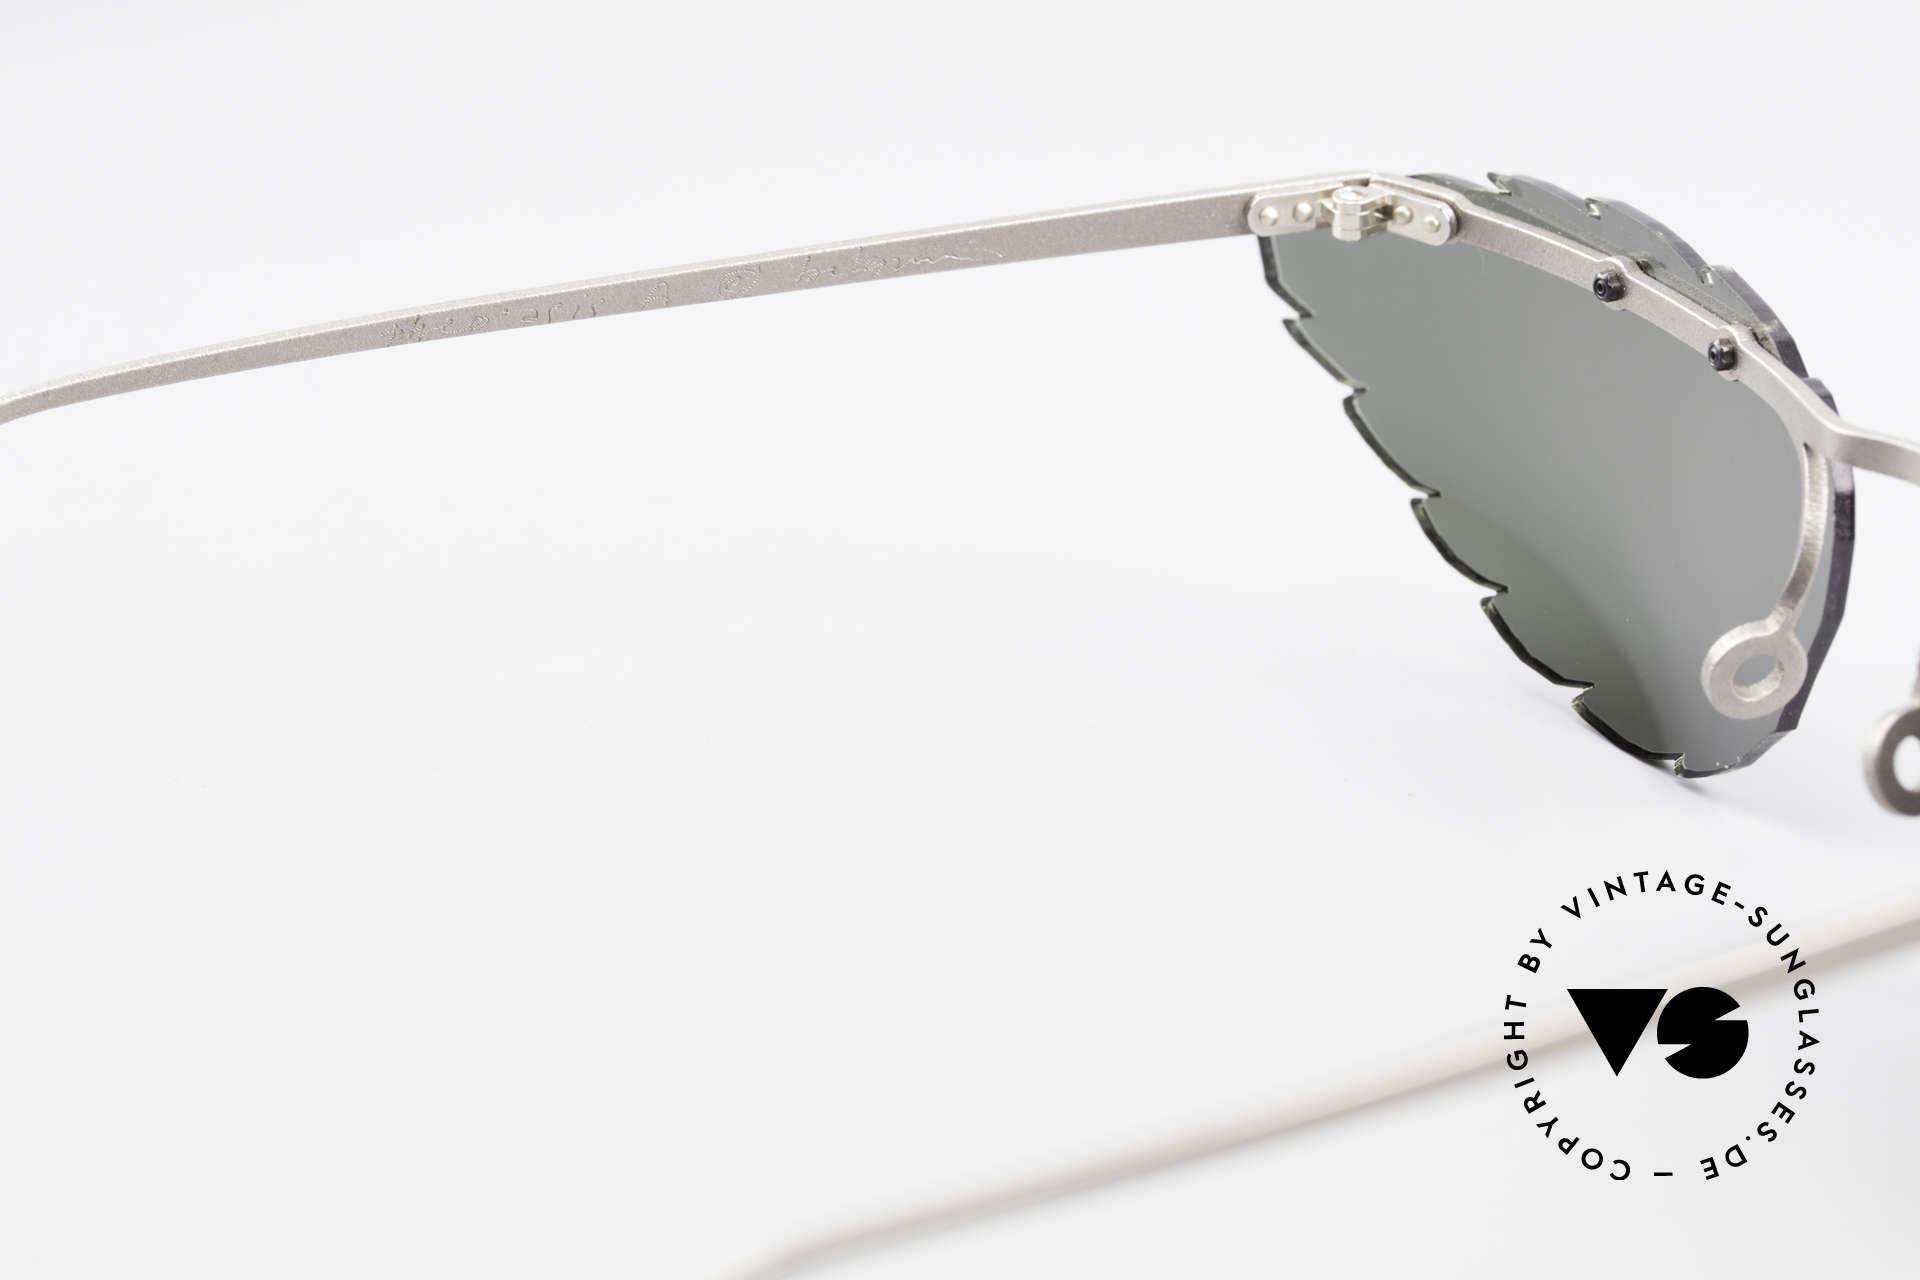 Theo Belgium Asis Sonnengläser wie ein Blatt, sozusagen: VINTAGE Sonnenbrille mit Symbol-Charakter, Passend für Herren und Damen